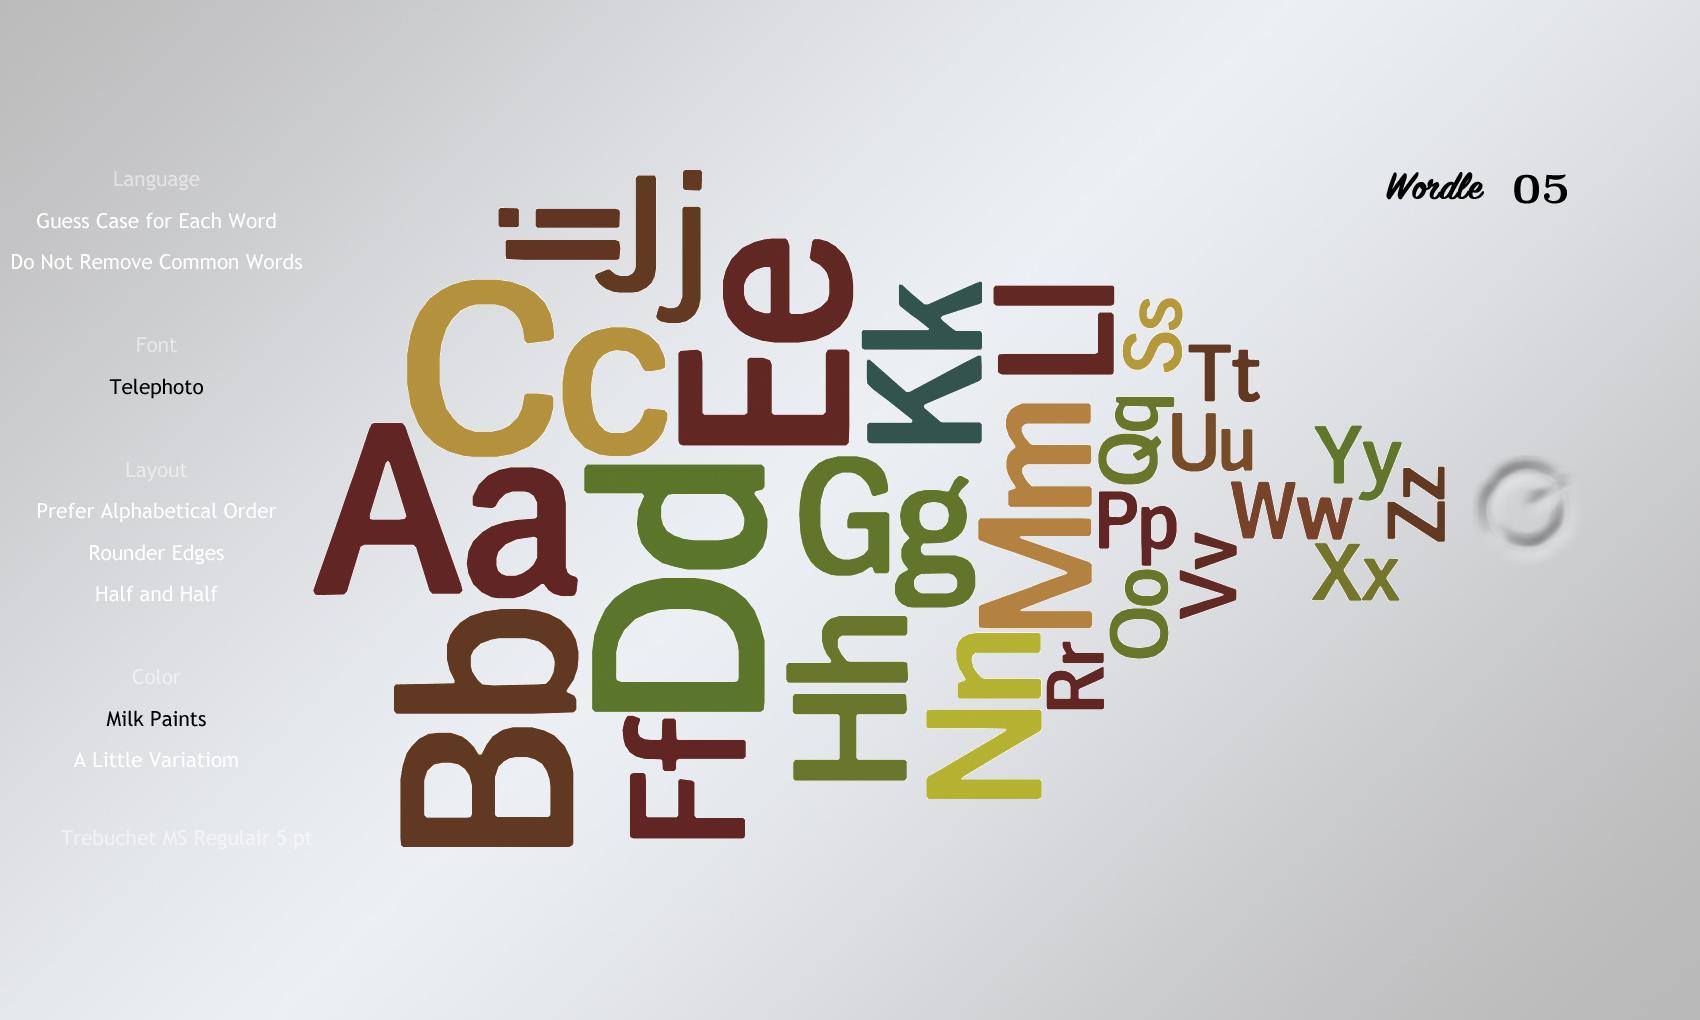 Wordle05 Telephoto